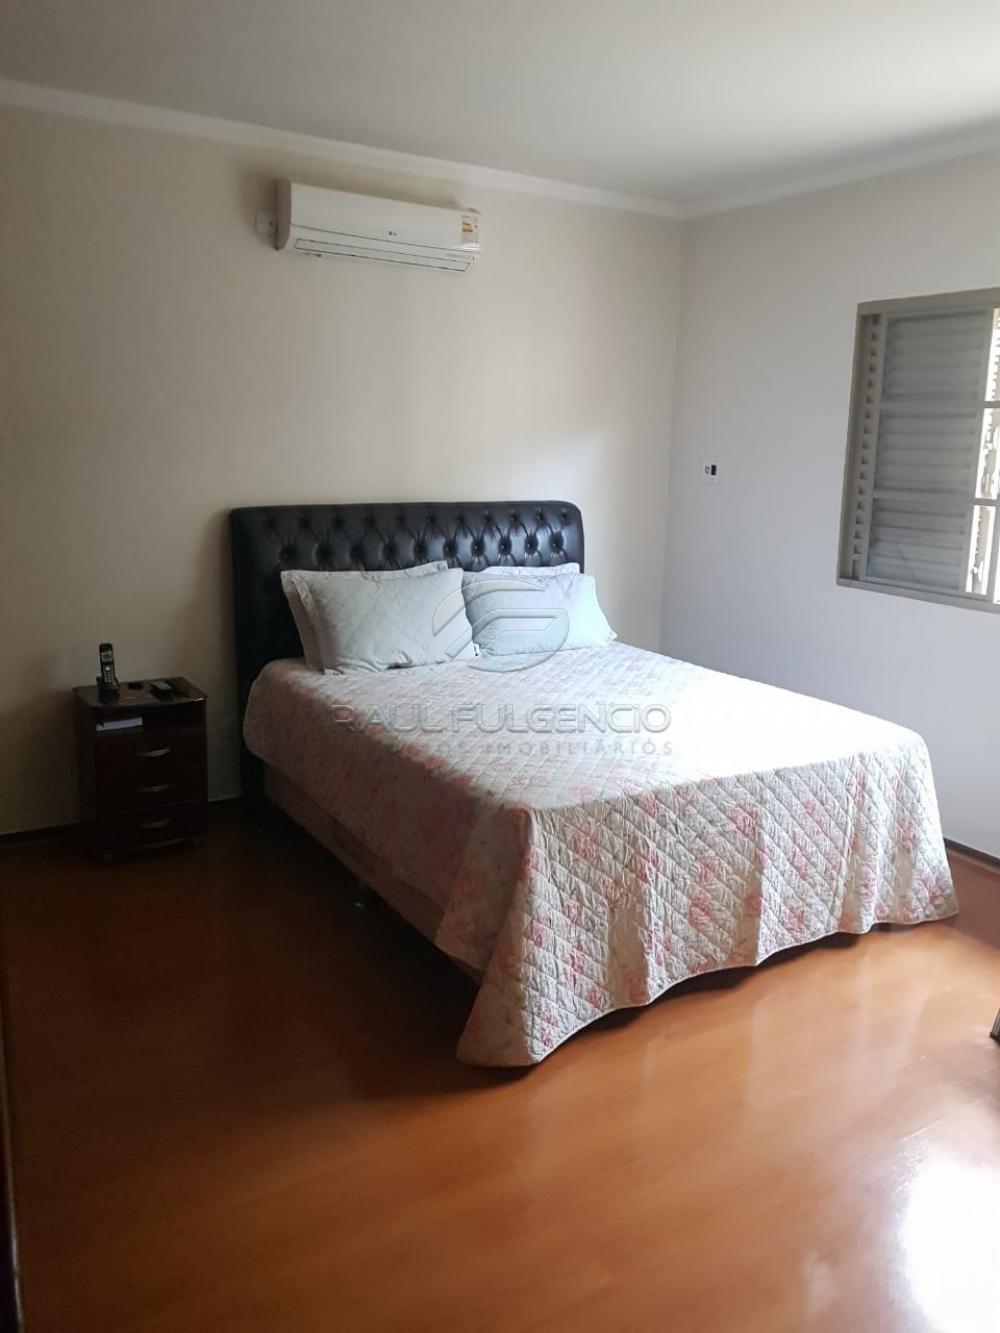 Comprar Casa / Térrea em Londrina apenas R$ 595.000,00 - Foto 7